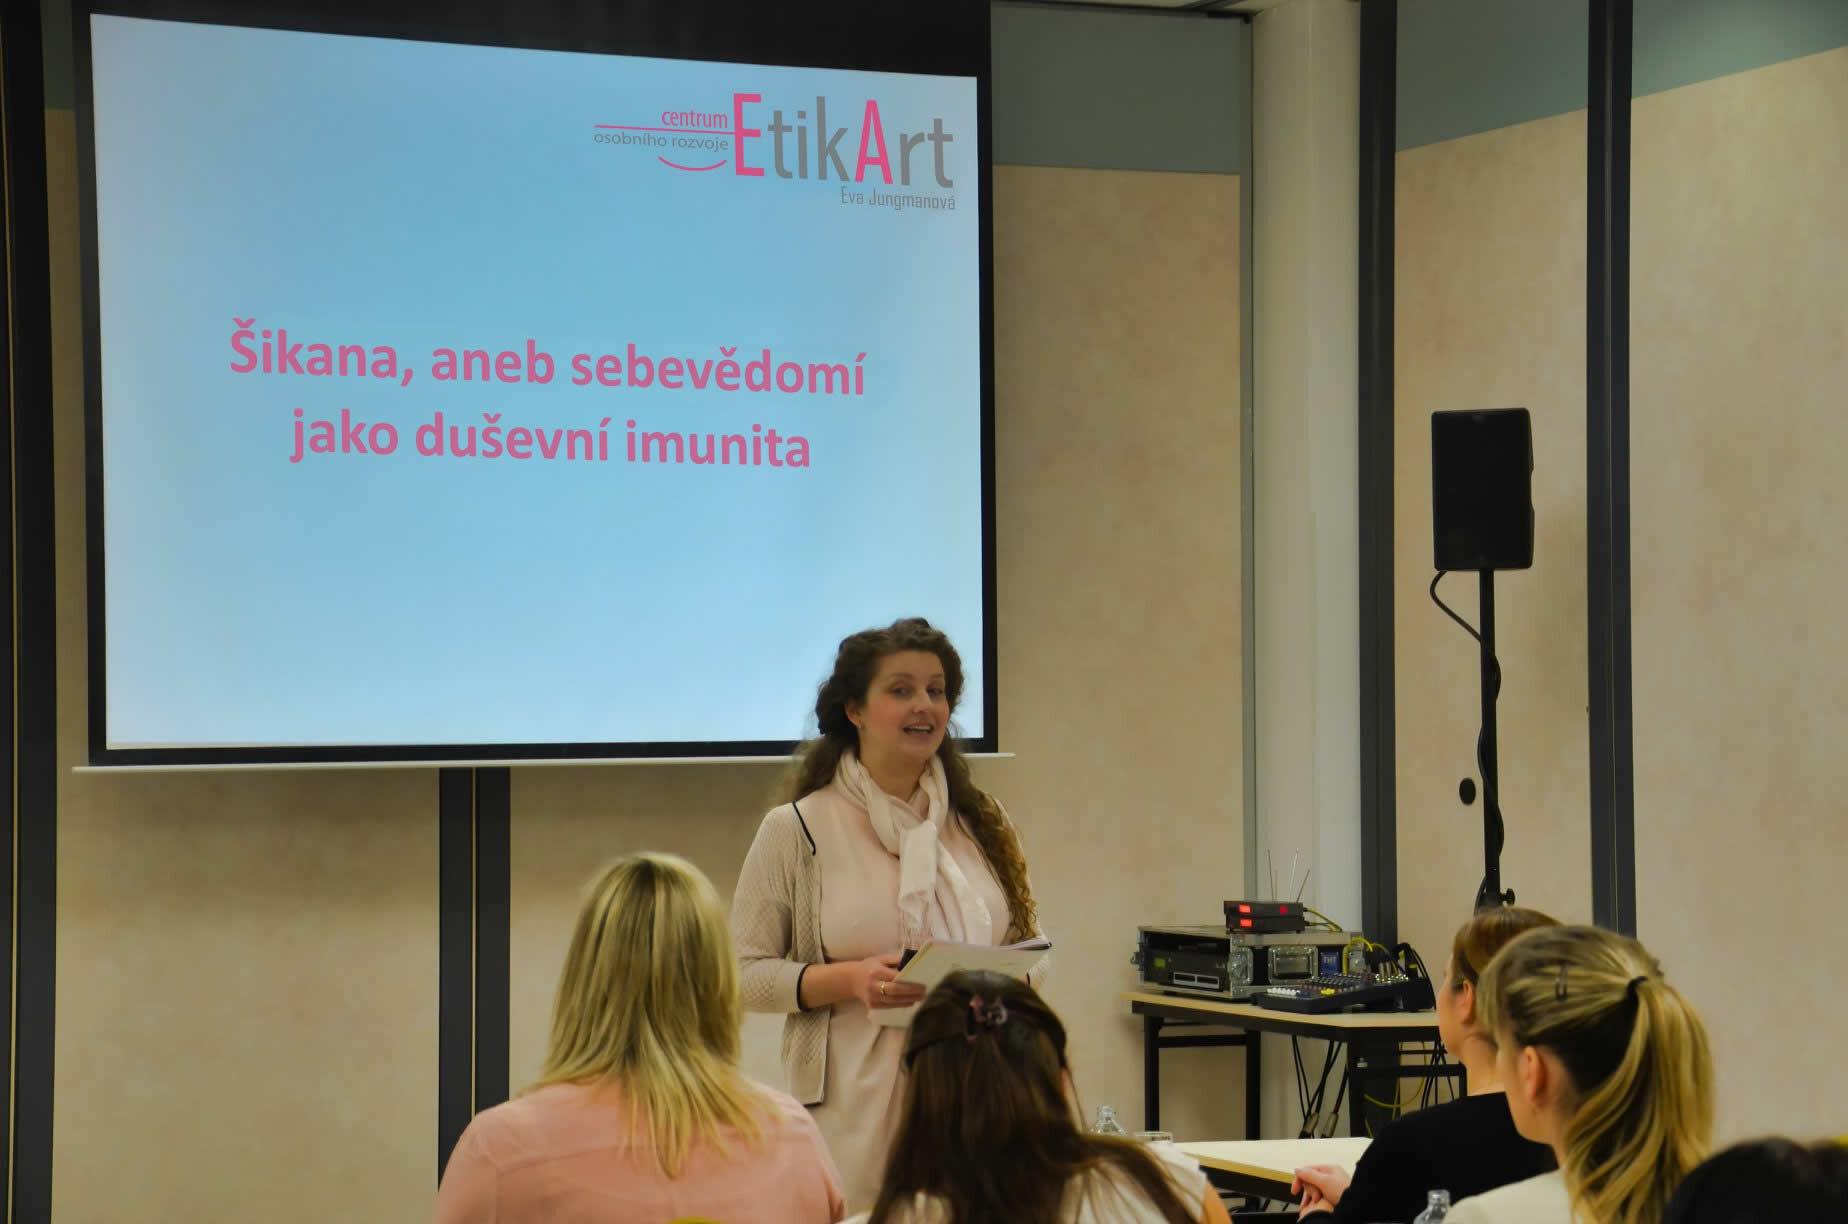 Přednáška - Šikana, aneb sebevědomí jako duševní imunita